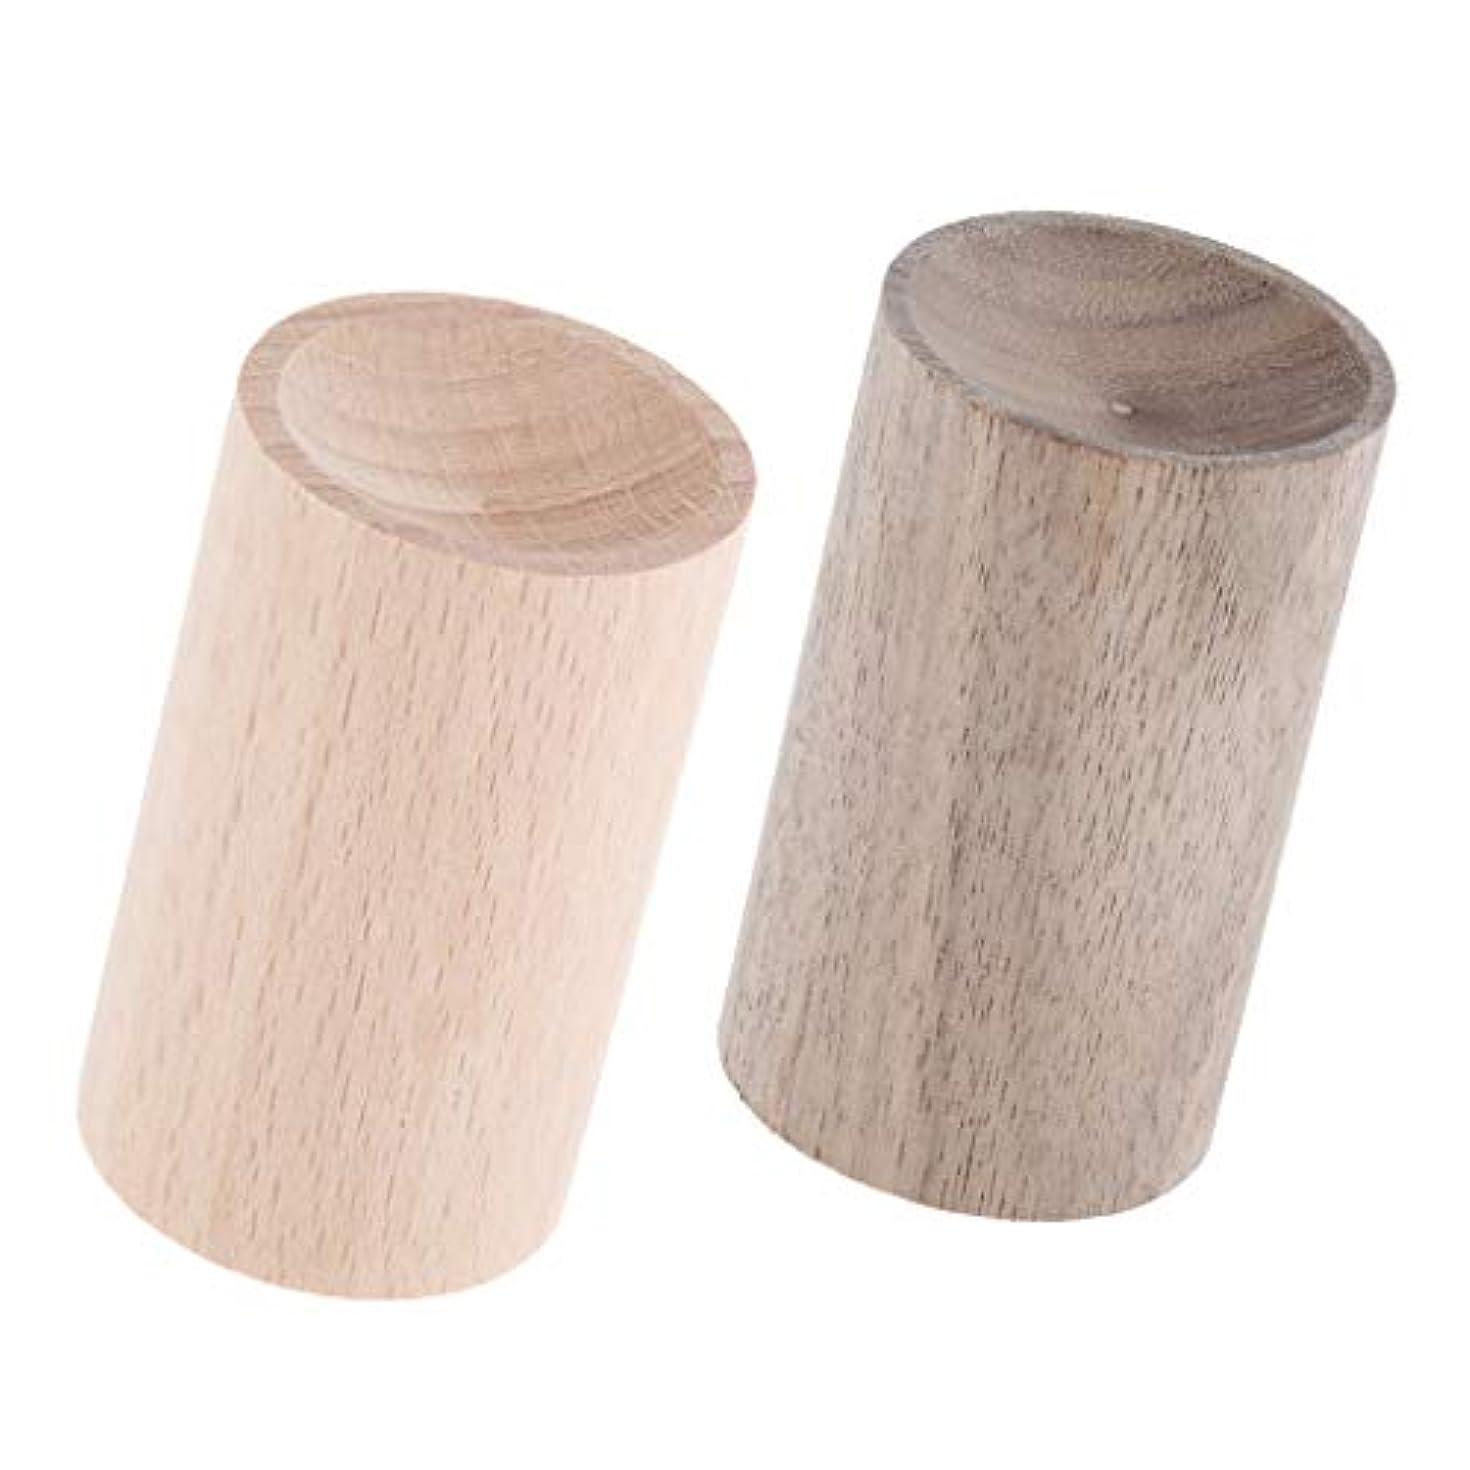 楽しむ学者備品D DOLITY エッセンシャルオイルディフューザー 芳香剤 手作り 天然木 車 家 オフィス 2ピース